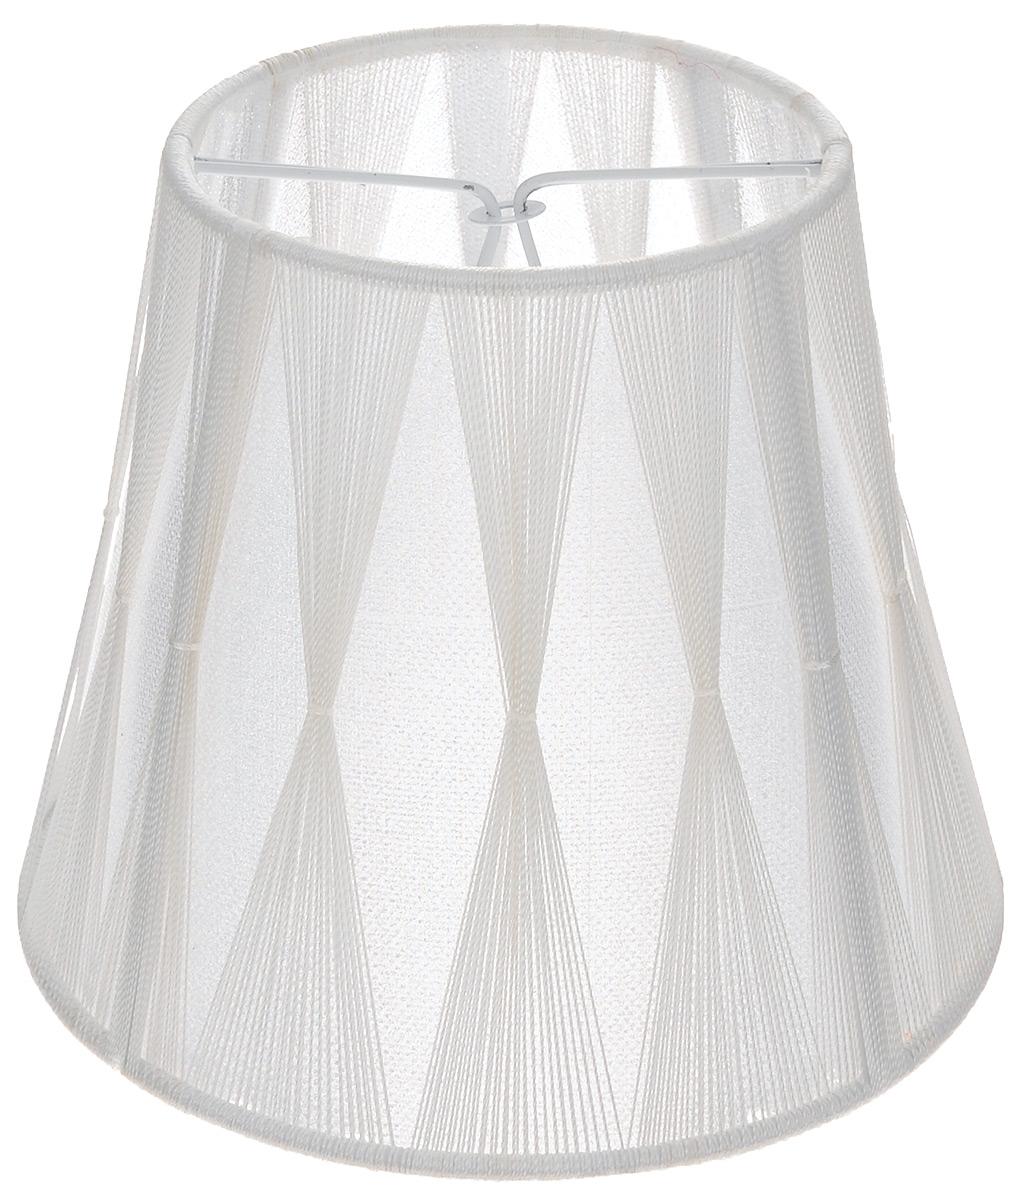 Абажур Vitaluce Креп, цвет: белый, Е14, 14 х 14 х 12 смVL0400Стильный абажур на лампу Vitaluce Креп, выполненный из металла, шелковых нитей и полиэстера, украсит ваш дом и защитит от яркого света лампы.Диаметр абажура (по верхнему краю): 9 см. Диаметр абажура (по нижнему краю): 14 см. Высота абажура: 12 см.